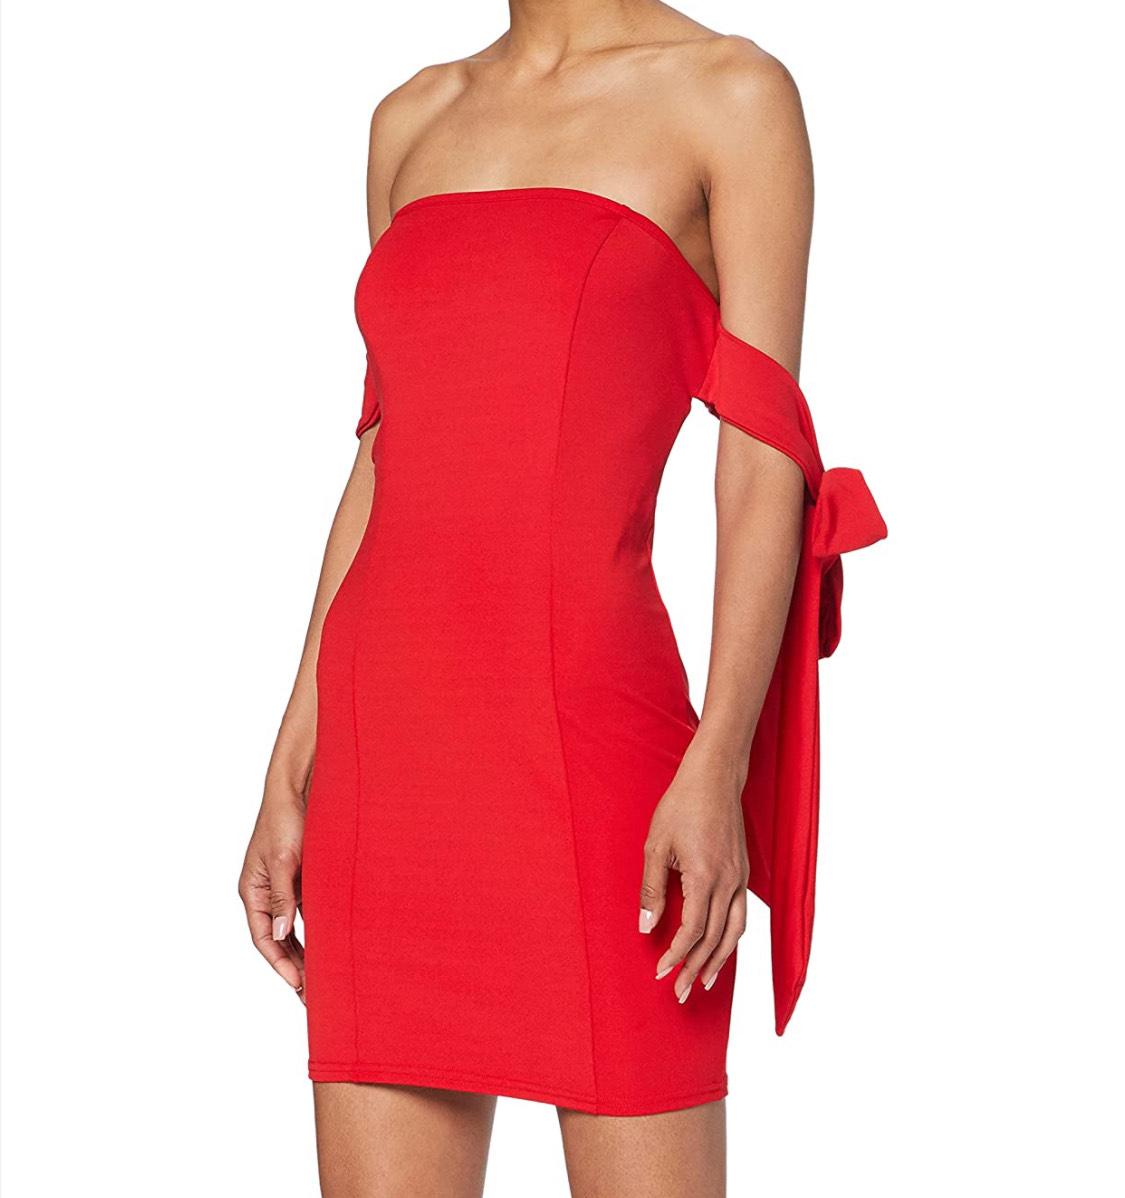 Vestido corto lazadas Neon Coco talla S (M a 5,65€)